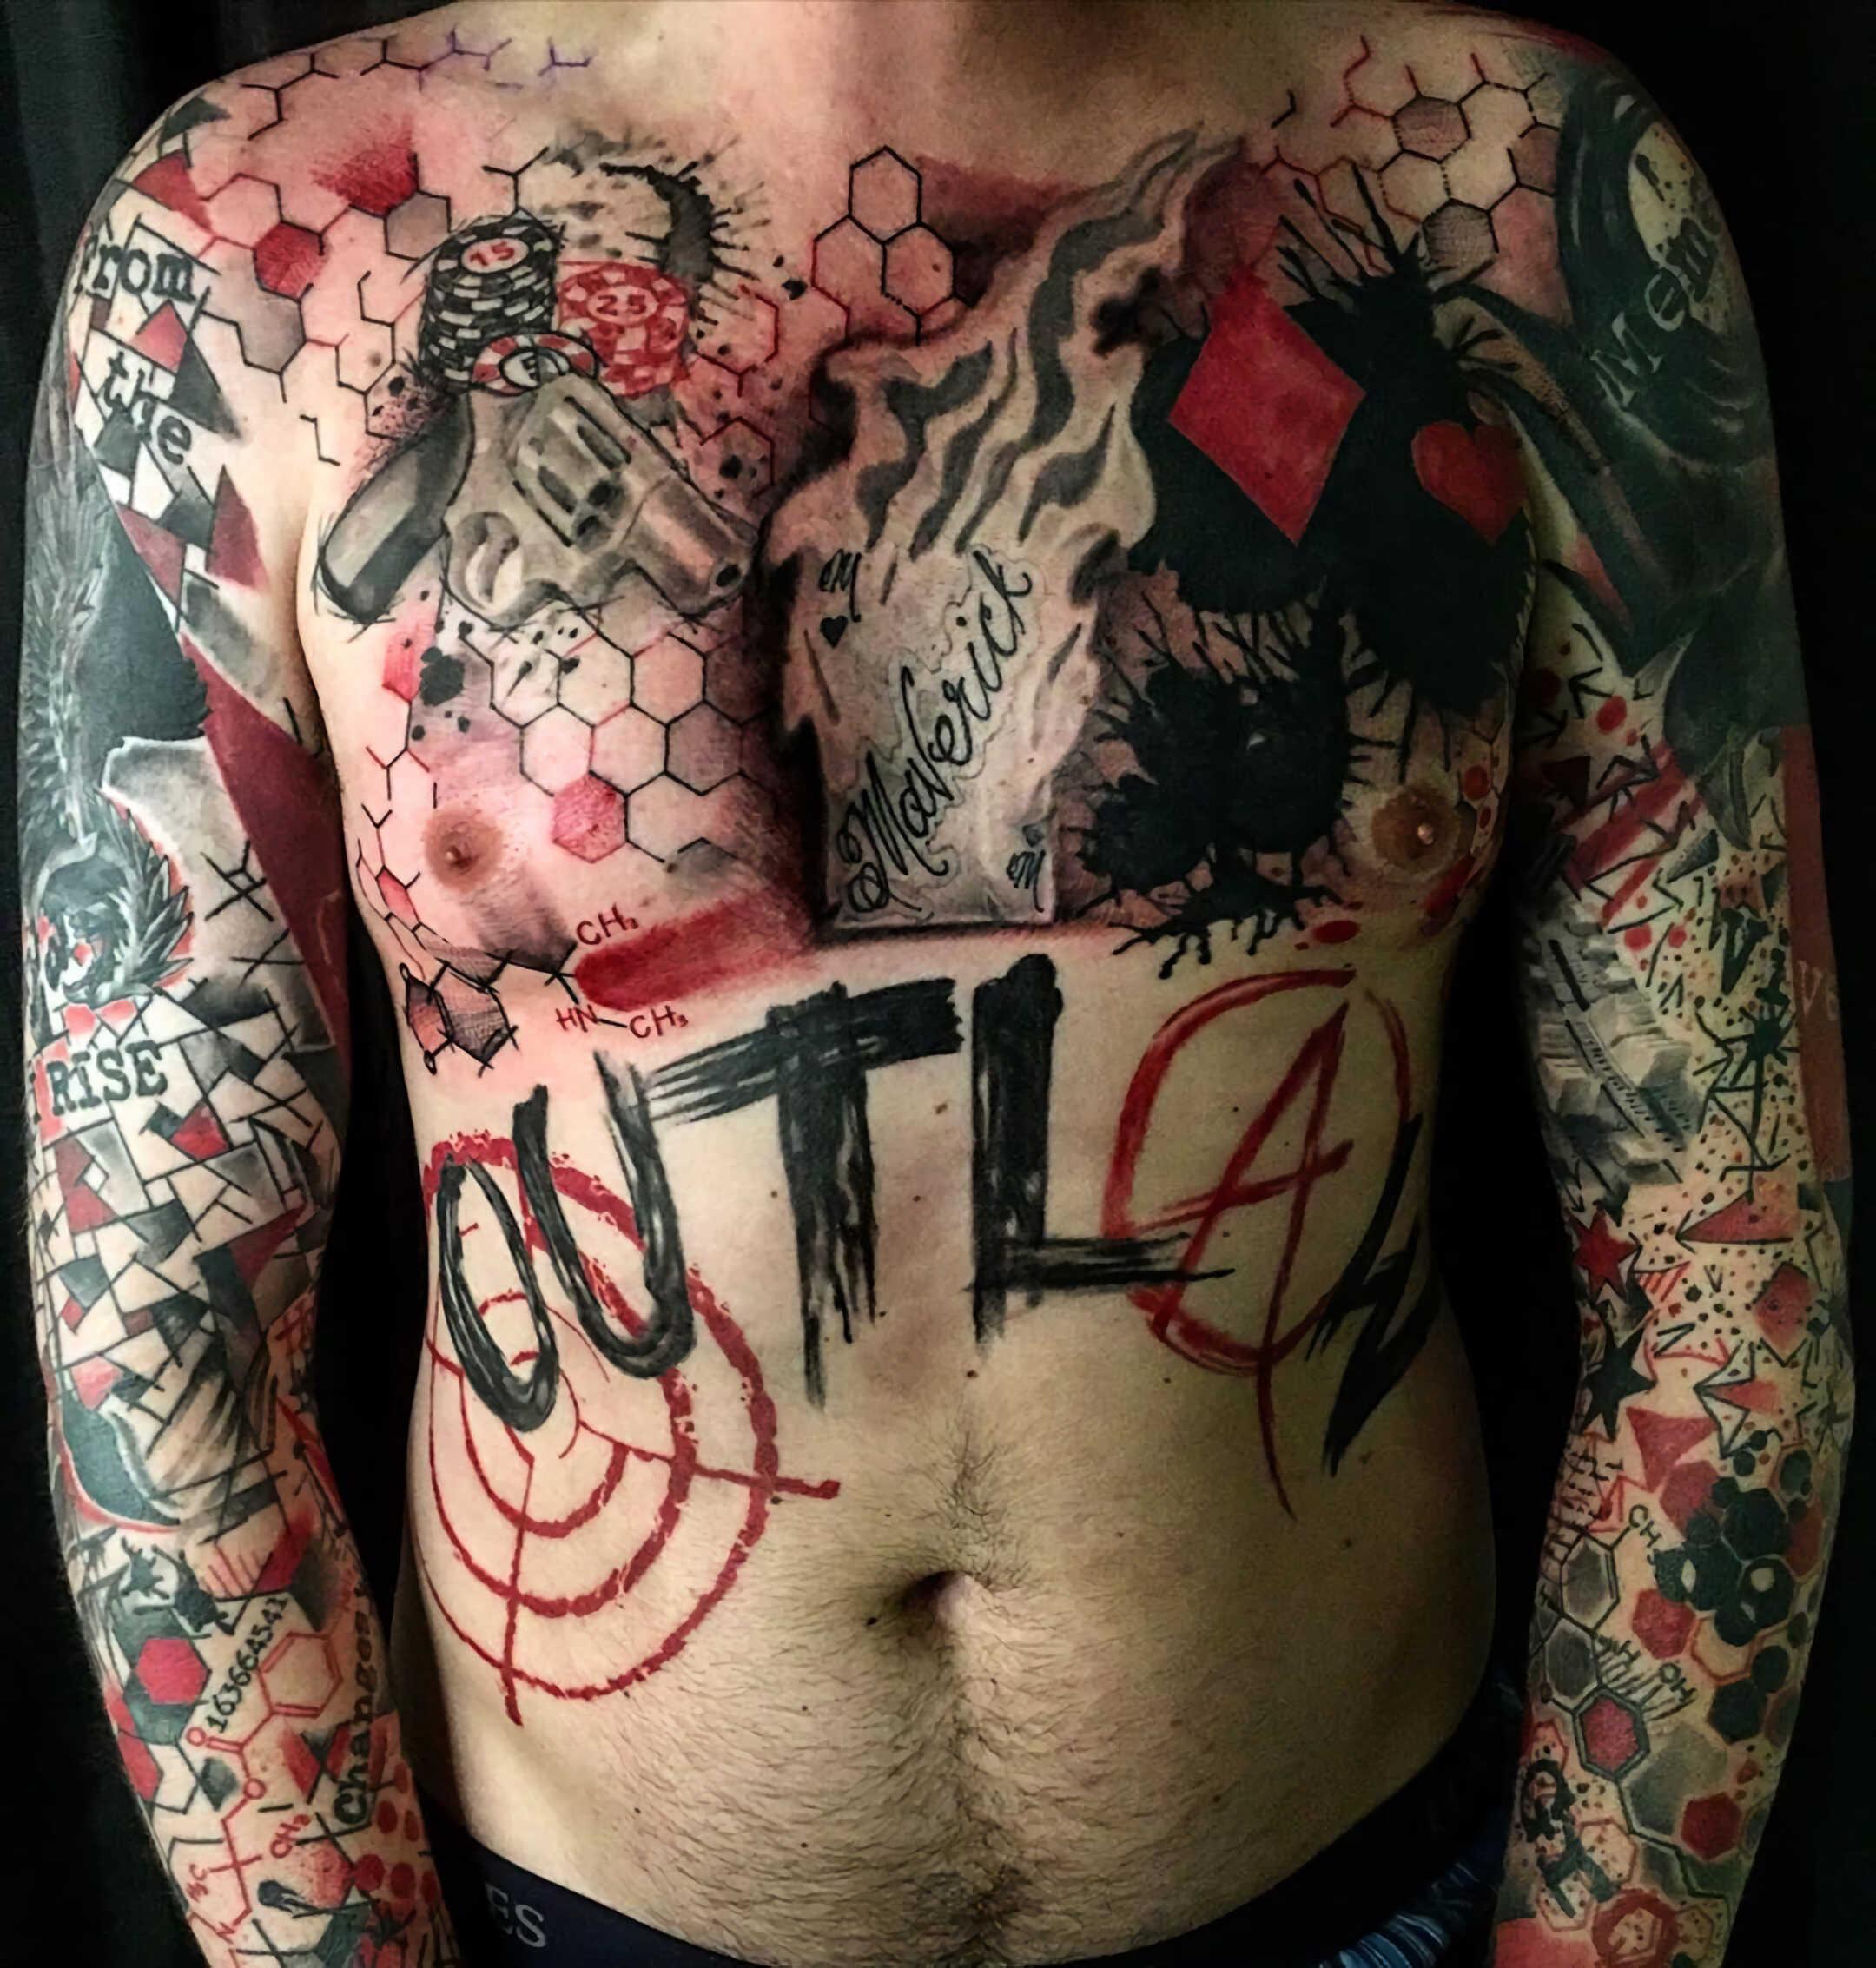 тату для мужчин в стиле трэш-полька на груди